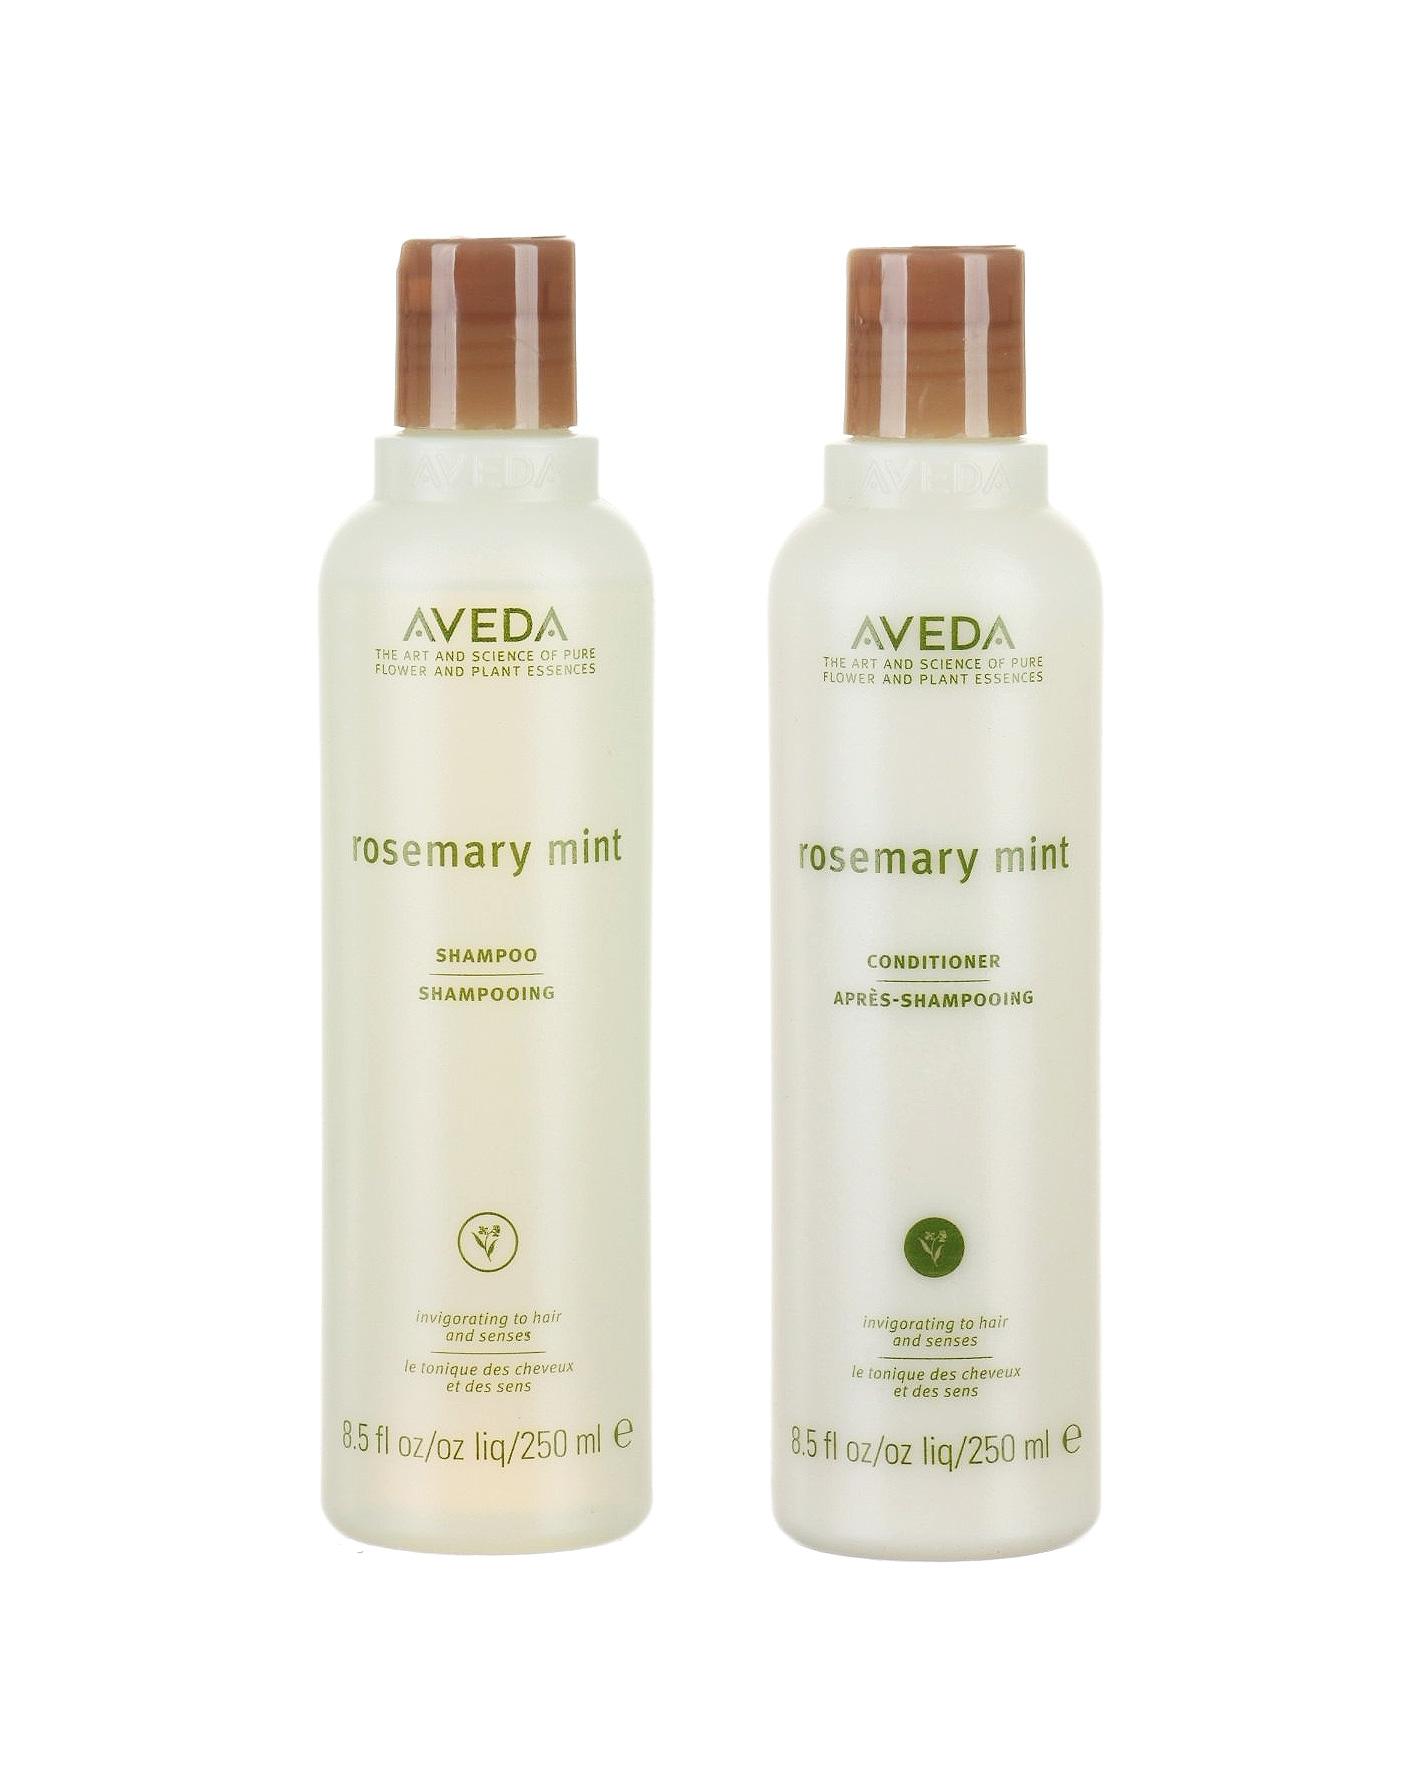 big-day-beauty-awards-aveda-rosemary-mint-shampoo-and-conditioner-0216.jpg